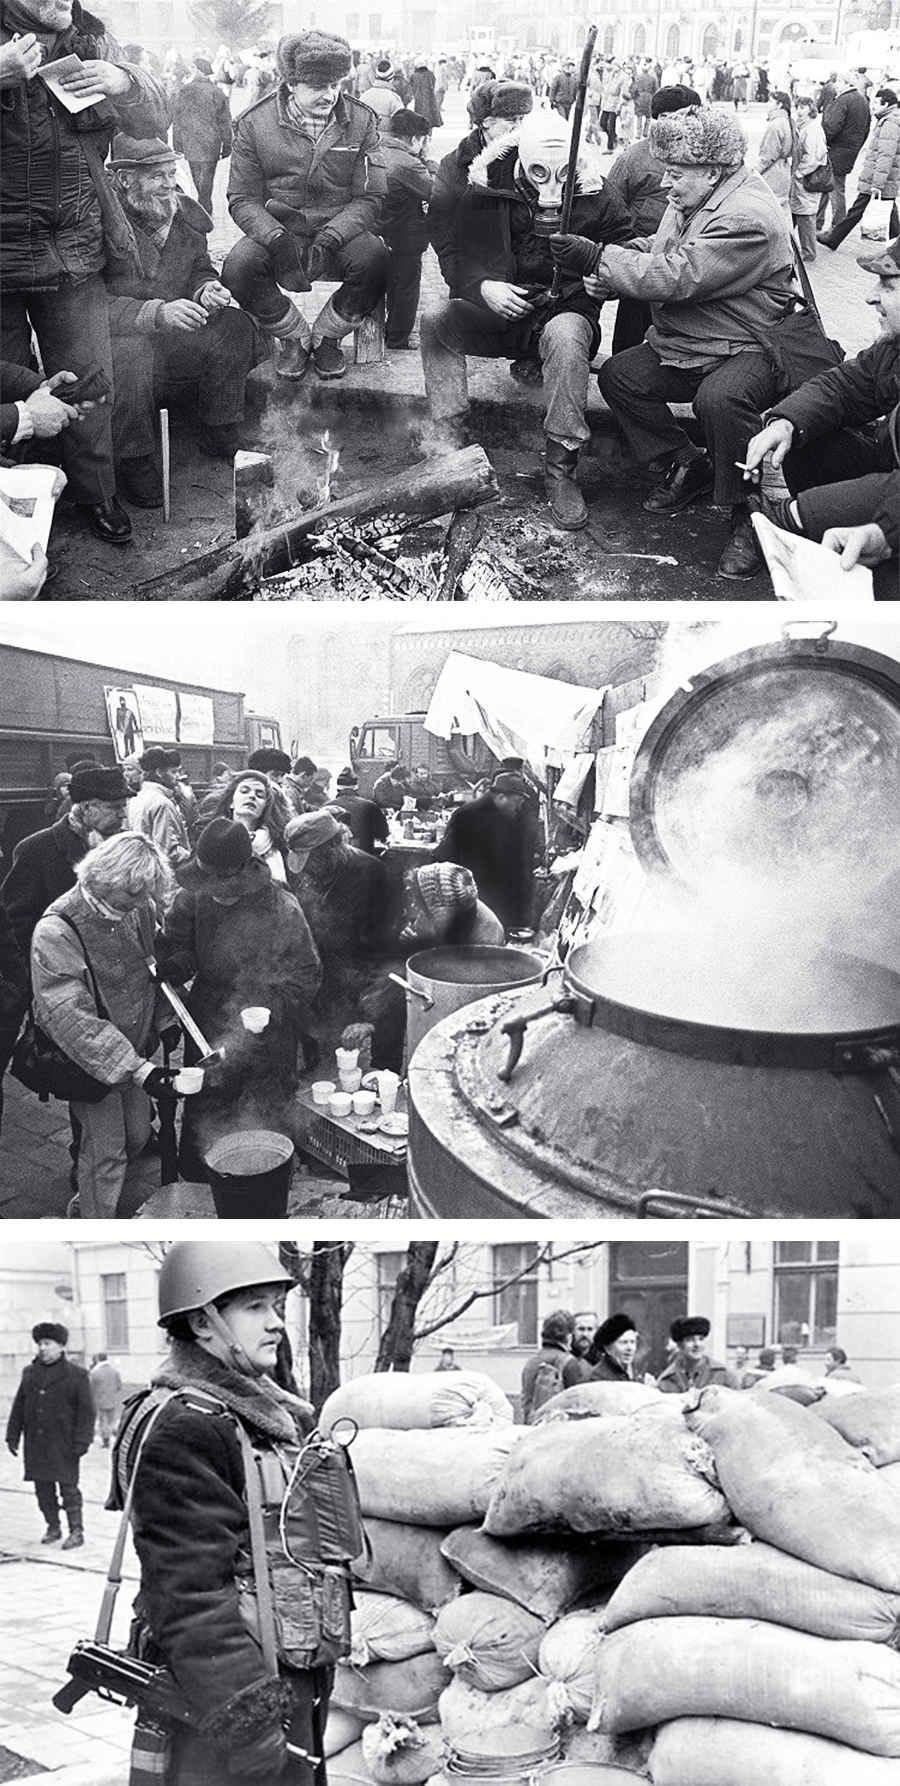 Фотографии латышей, ведущих борьбу за независимость от КПСС и СССР